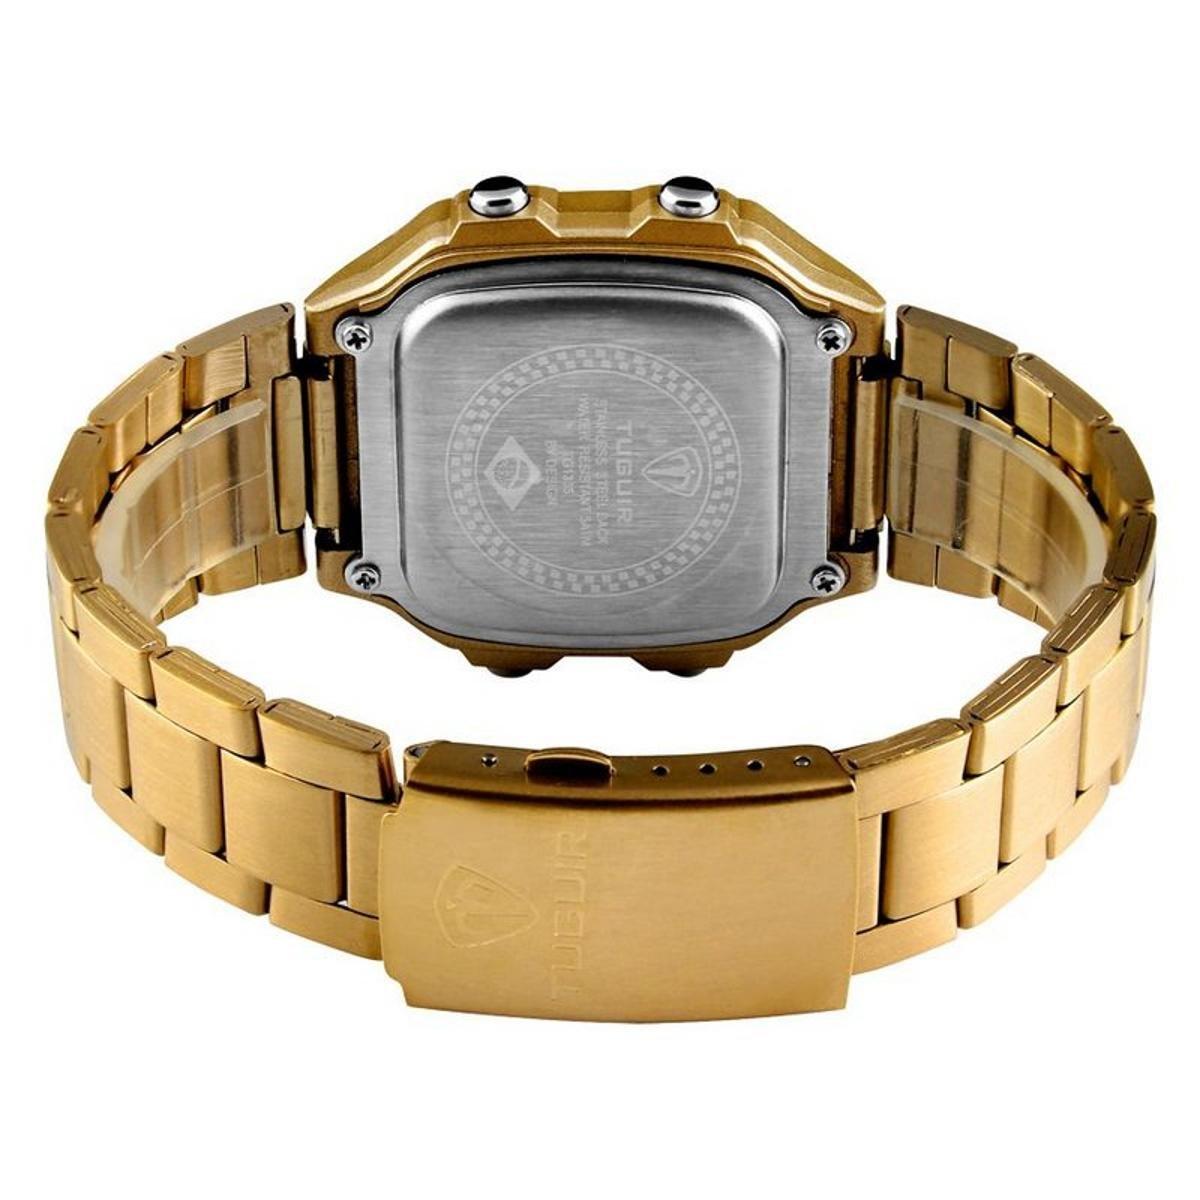 c55dfb48798 Relógio Romaplac Tuguir Digital - Dourado - Compre Agora